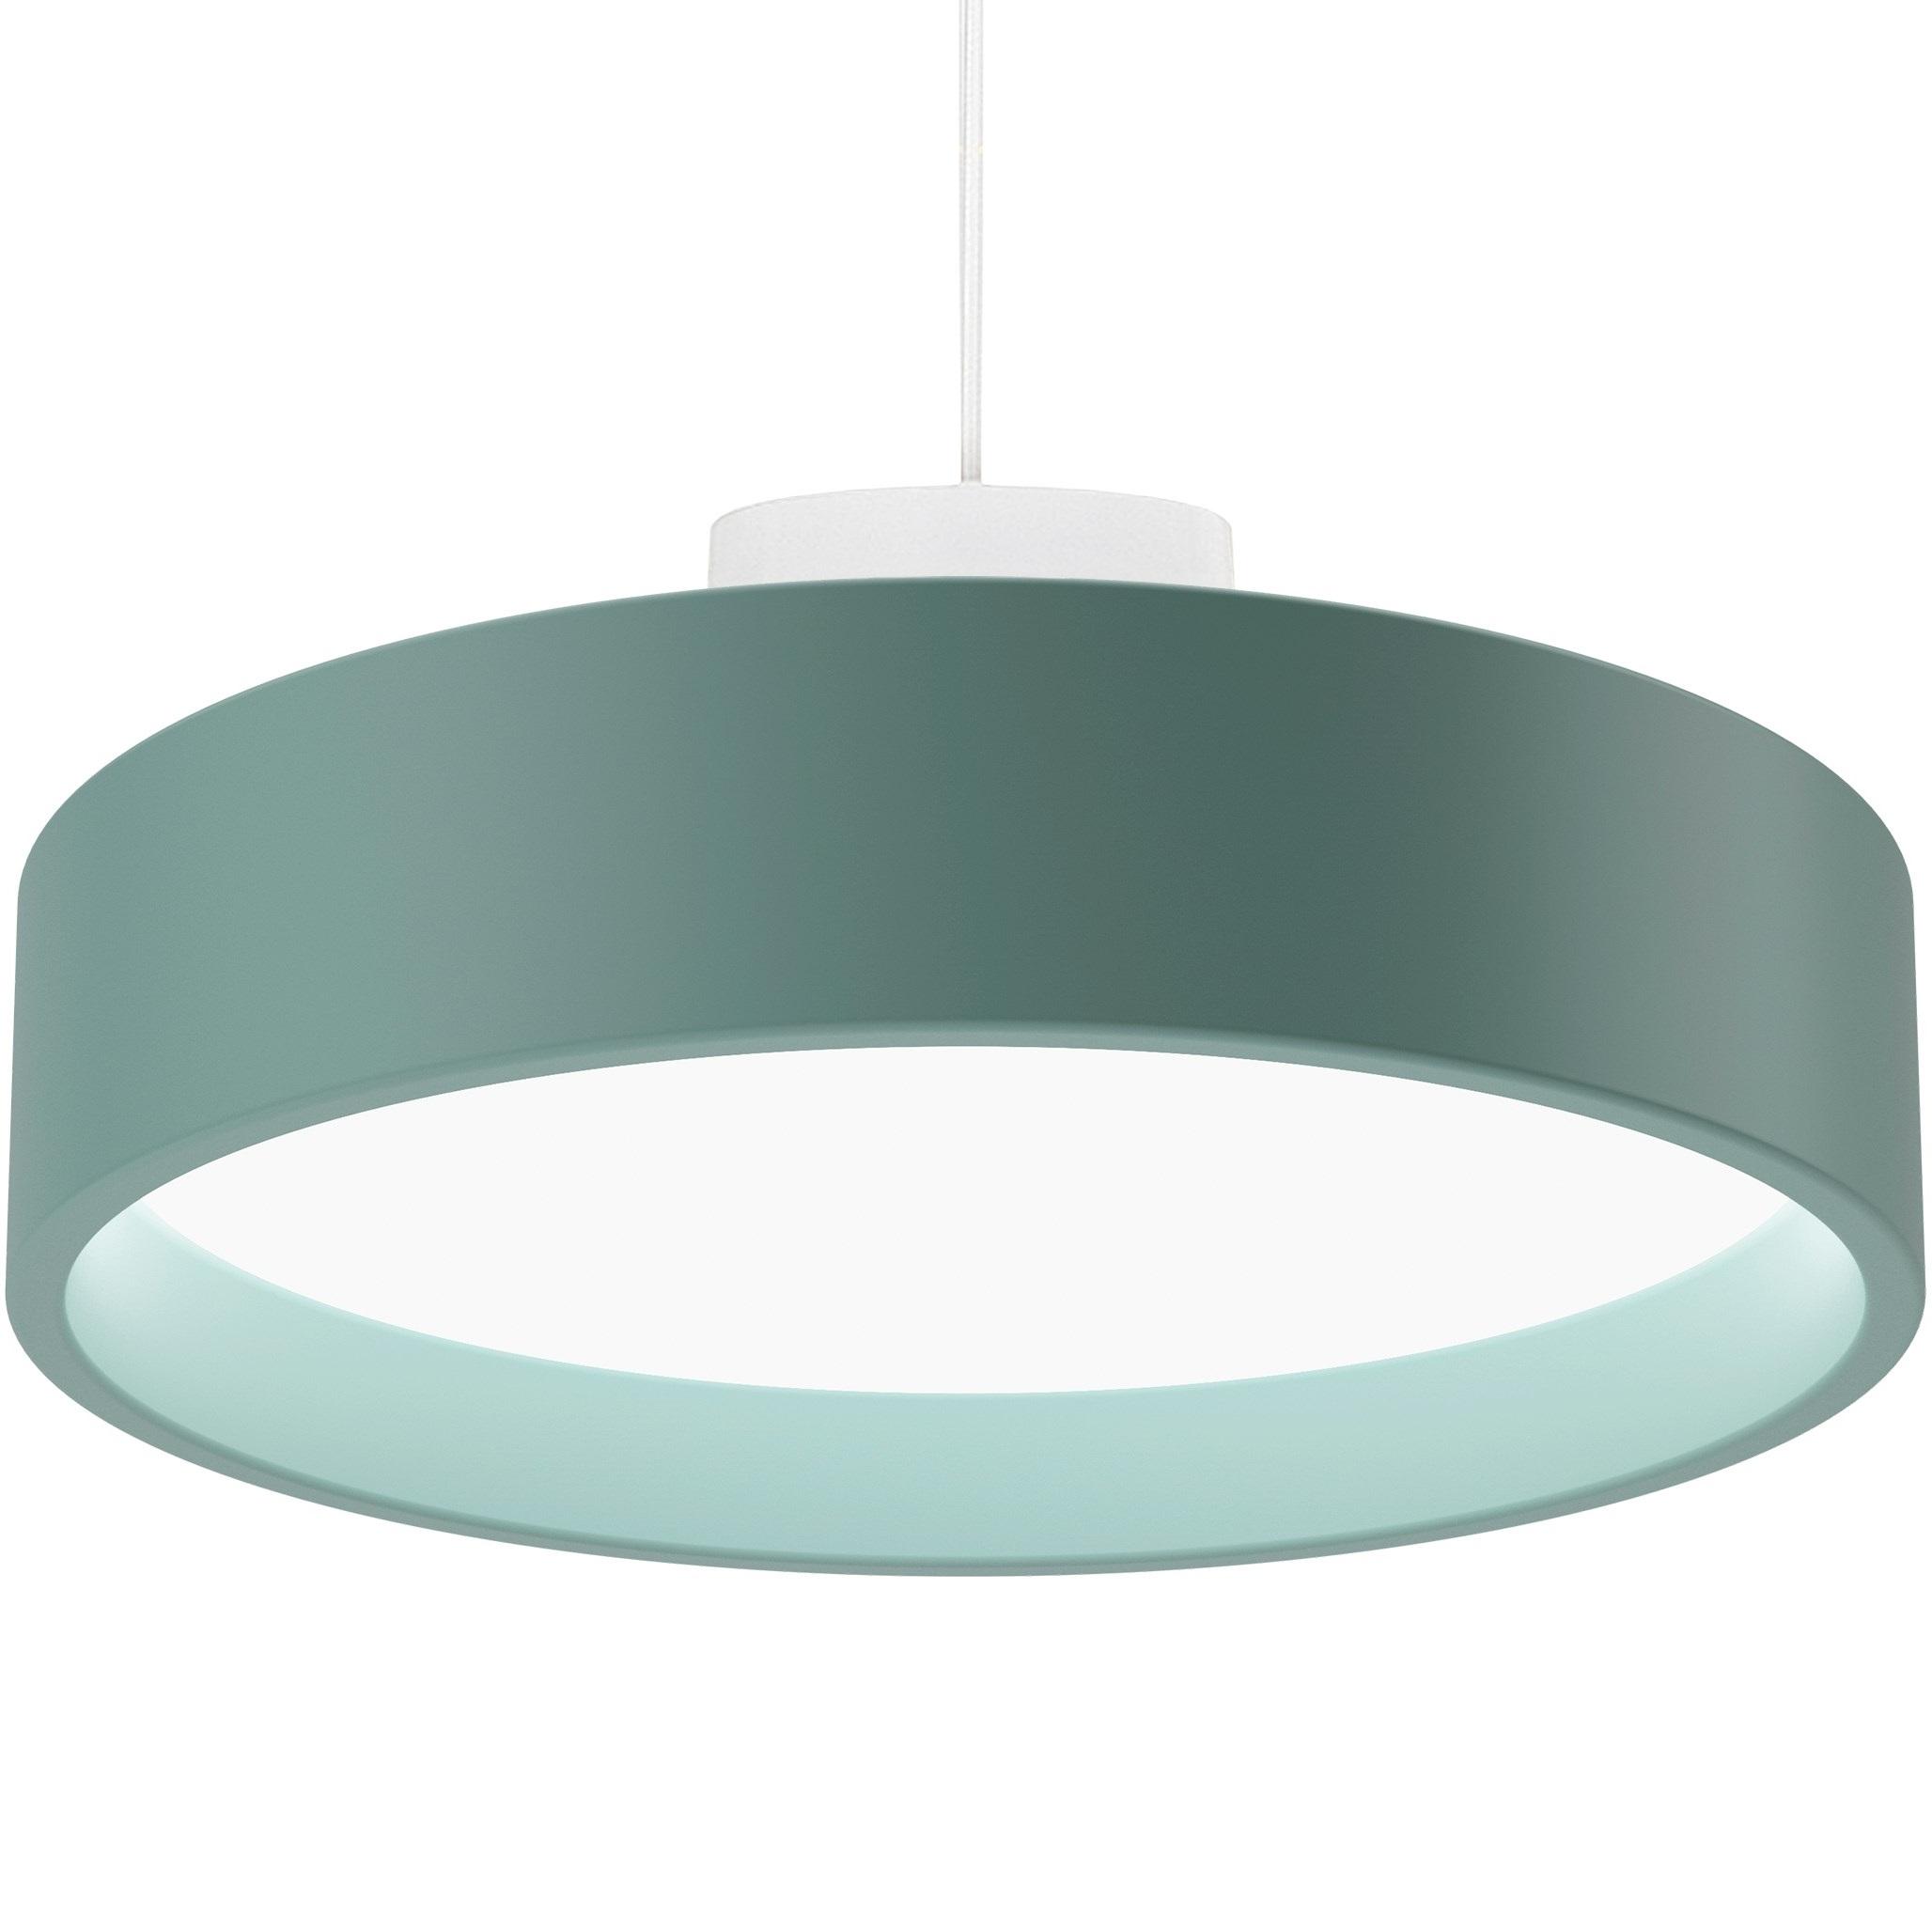 Lampe Suspension Papier Design lp circle suspended louis poulsen suspension - milia shop